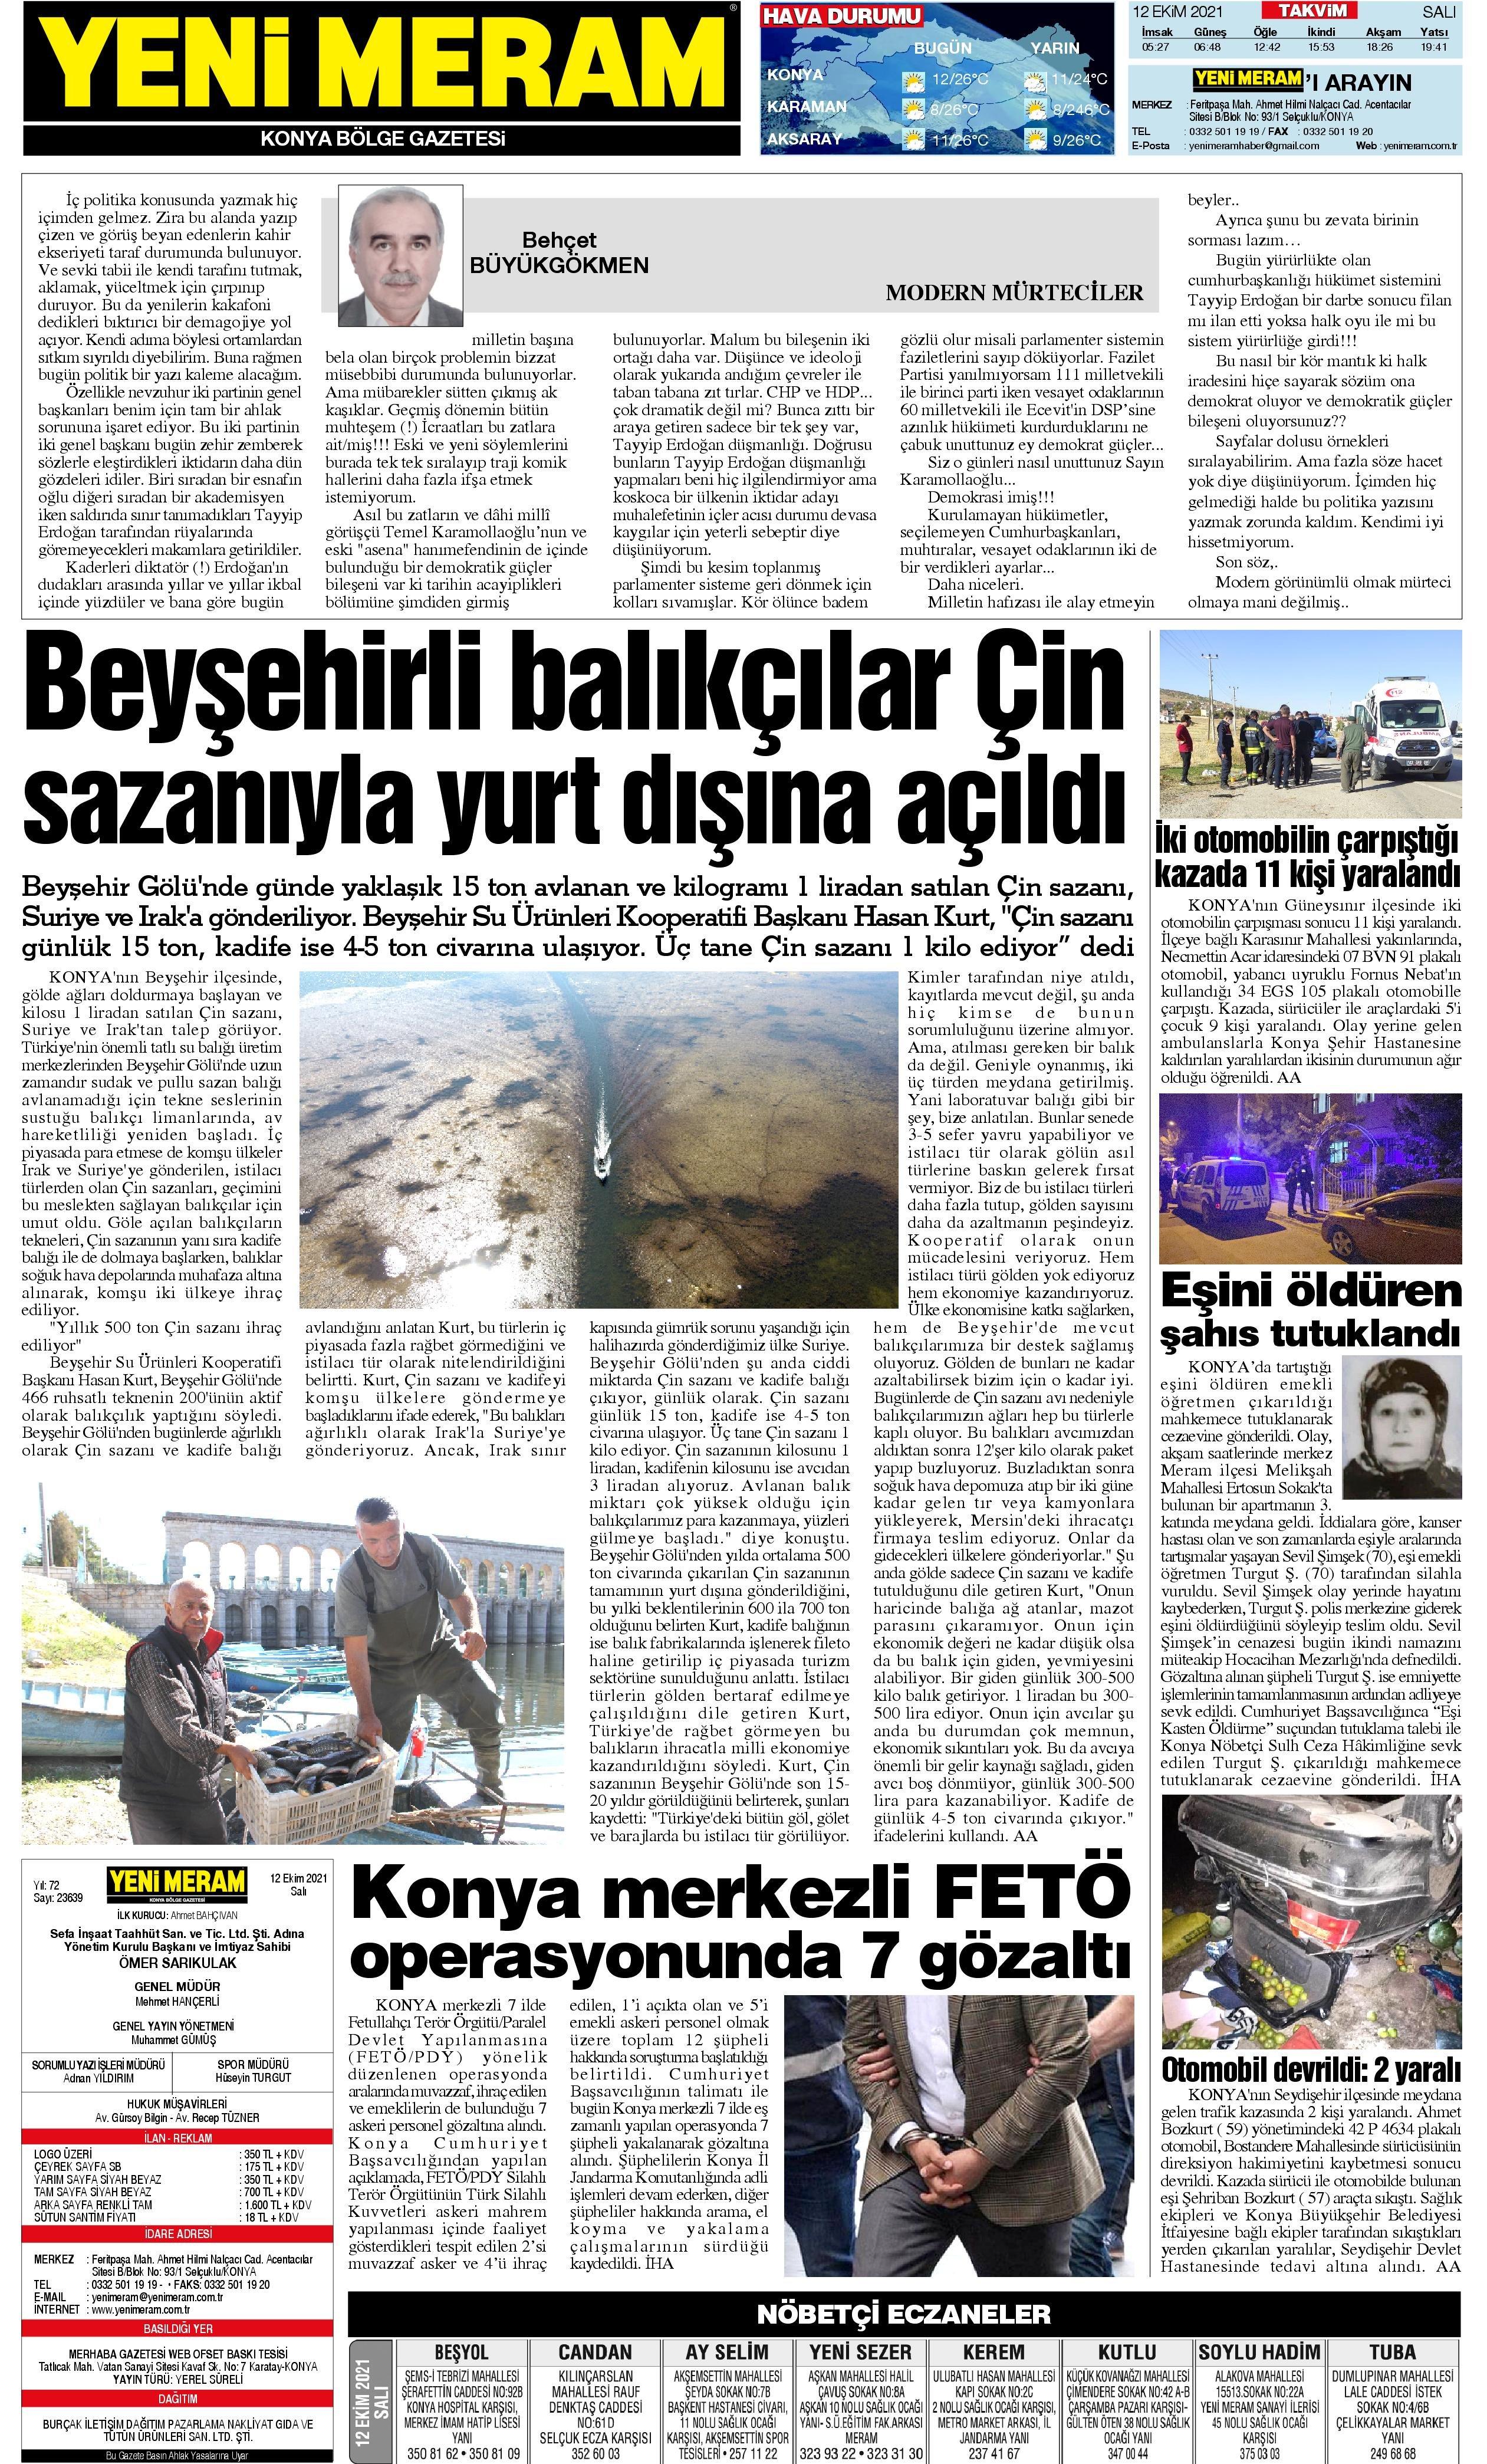 12 Ekim 2021 Yeni Meram Gazetesi